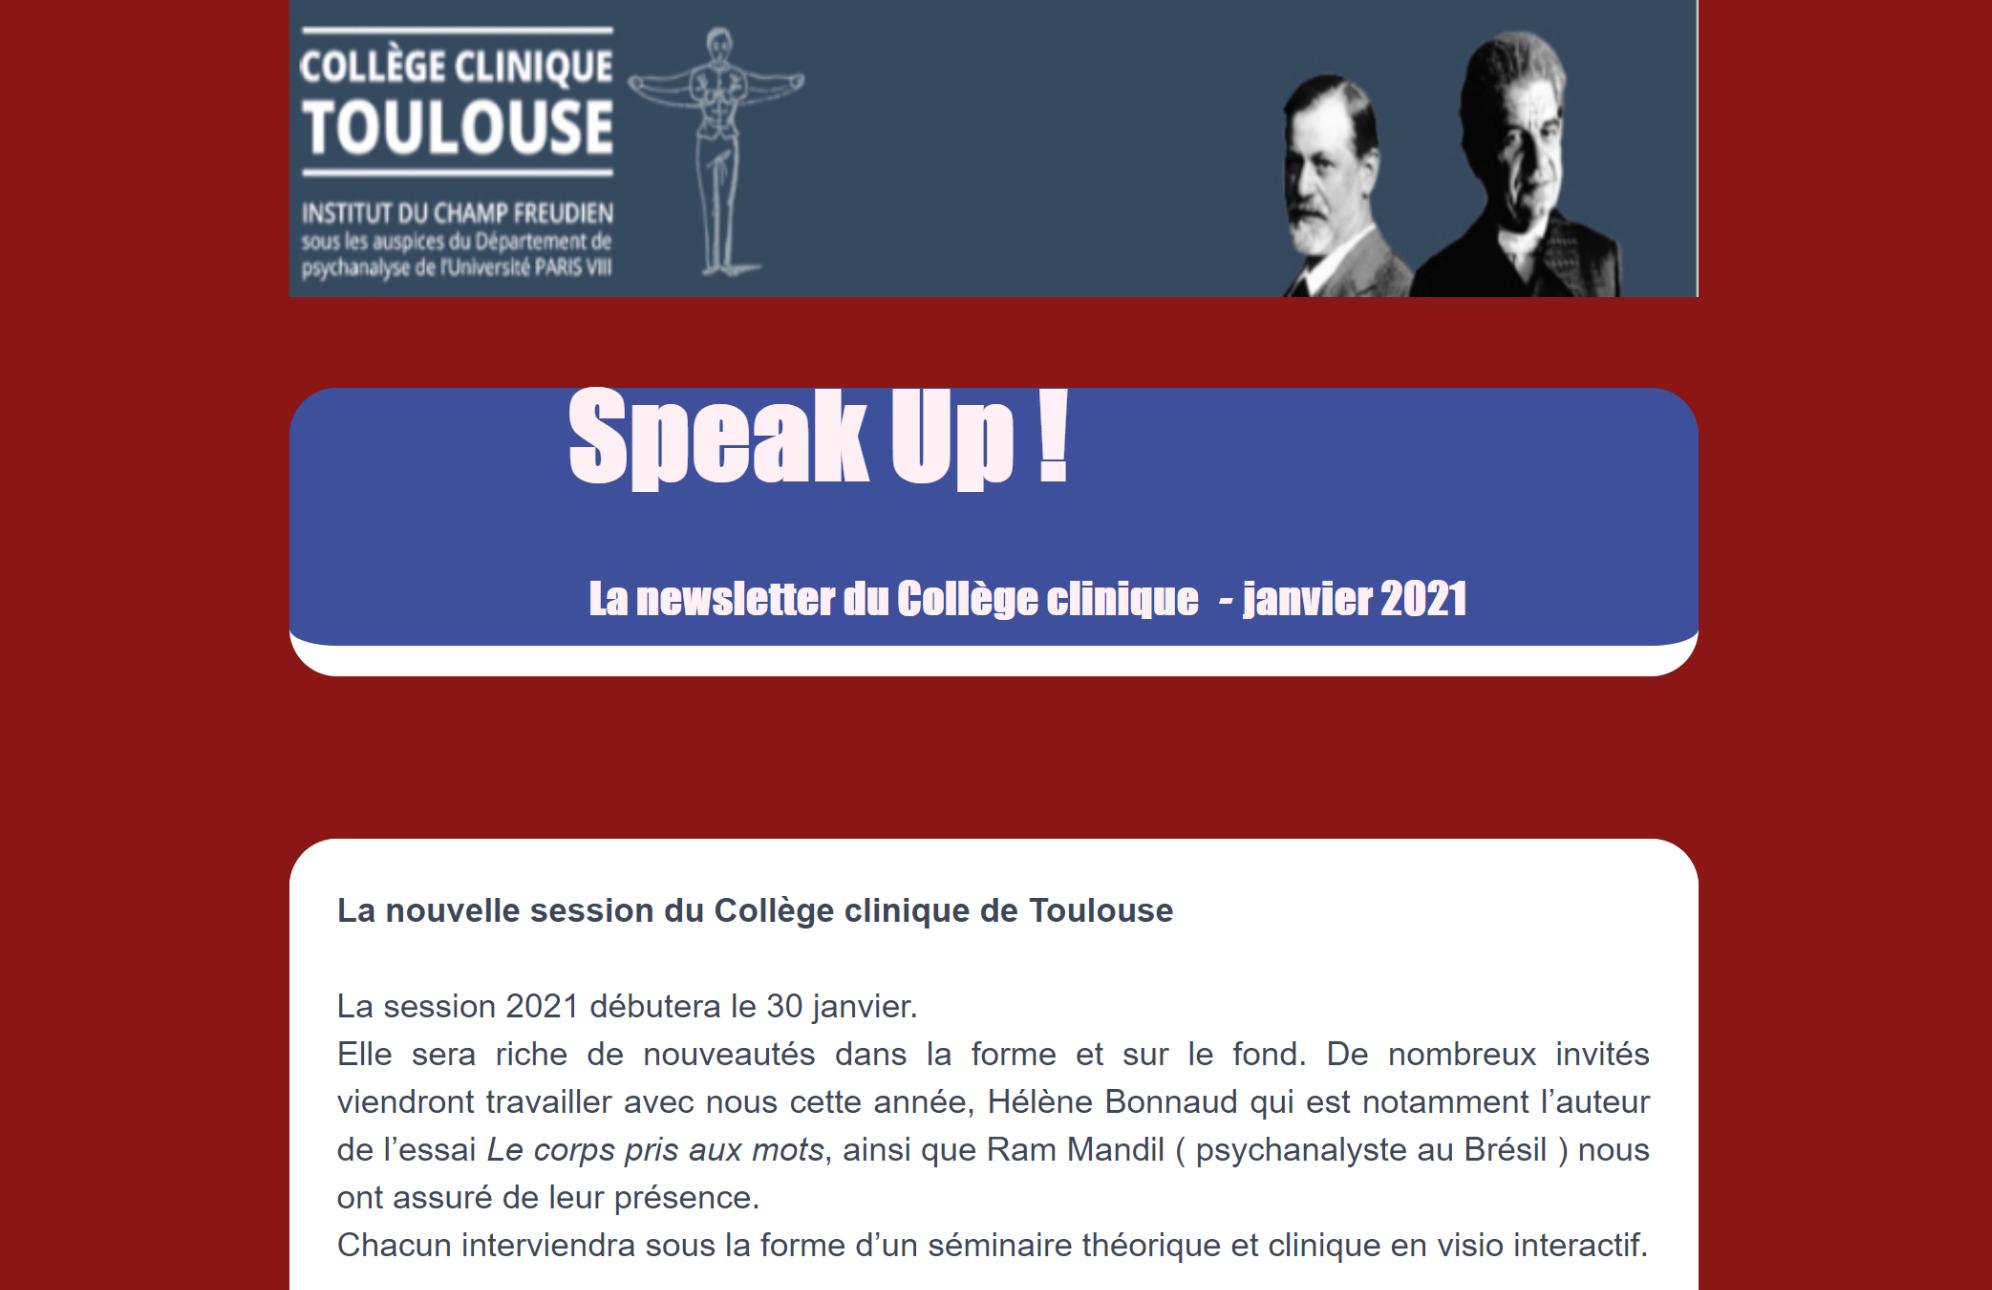 Speak up 8